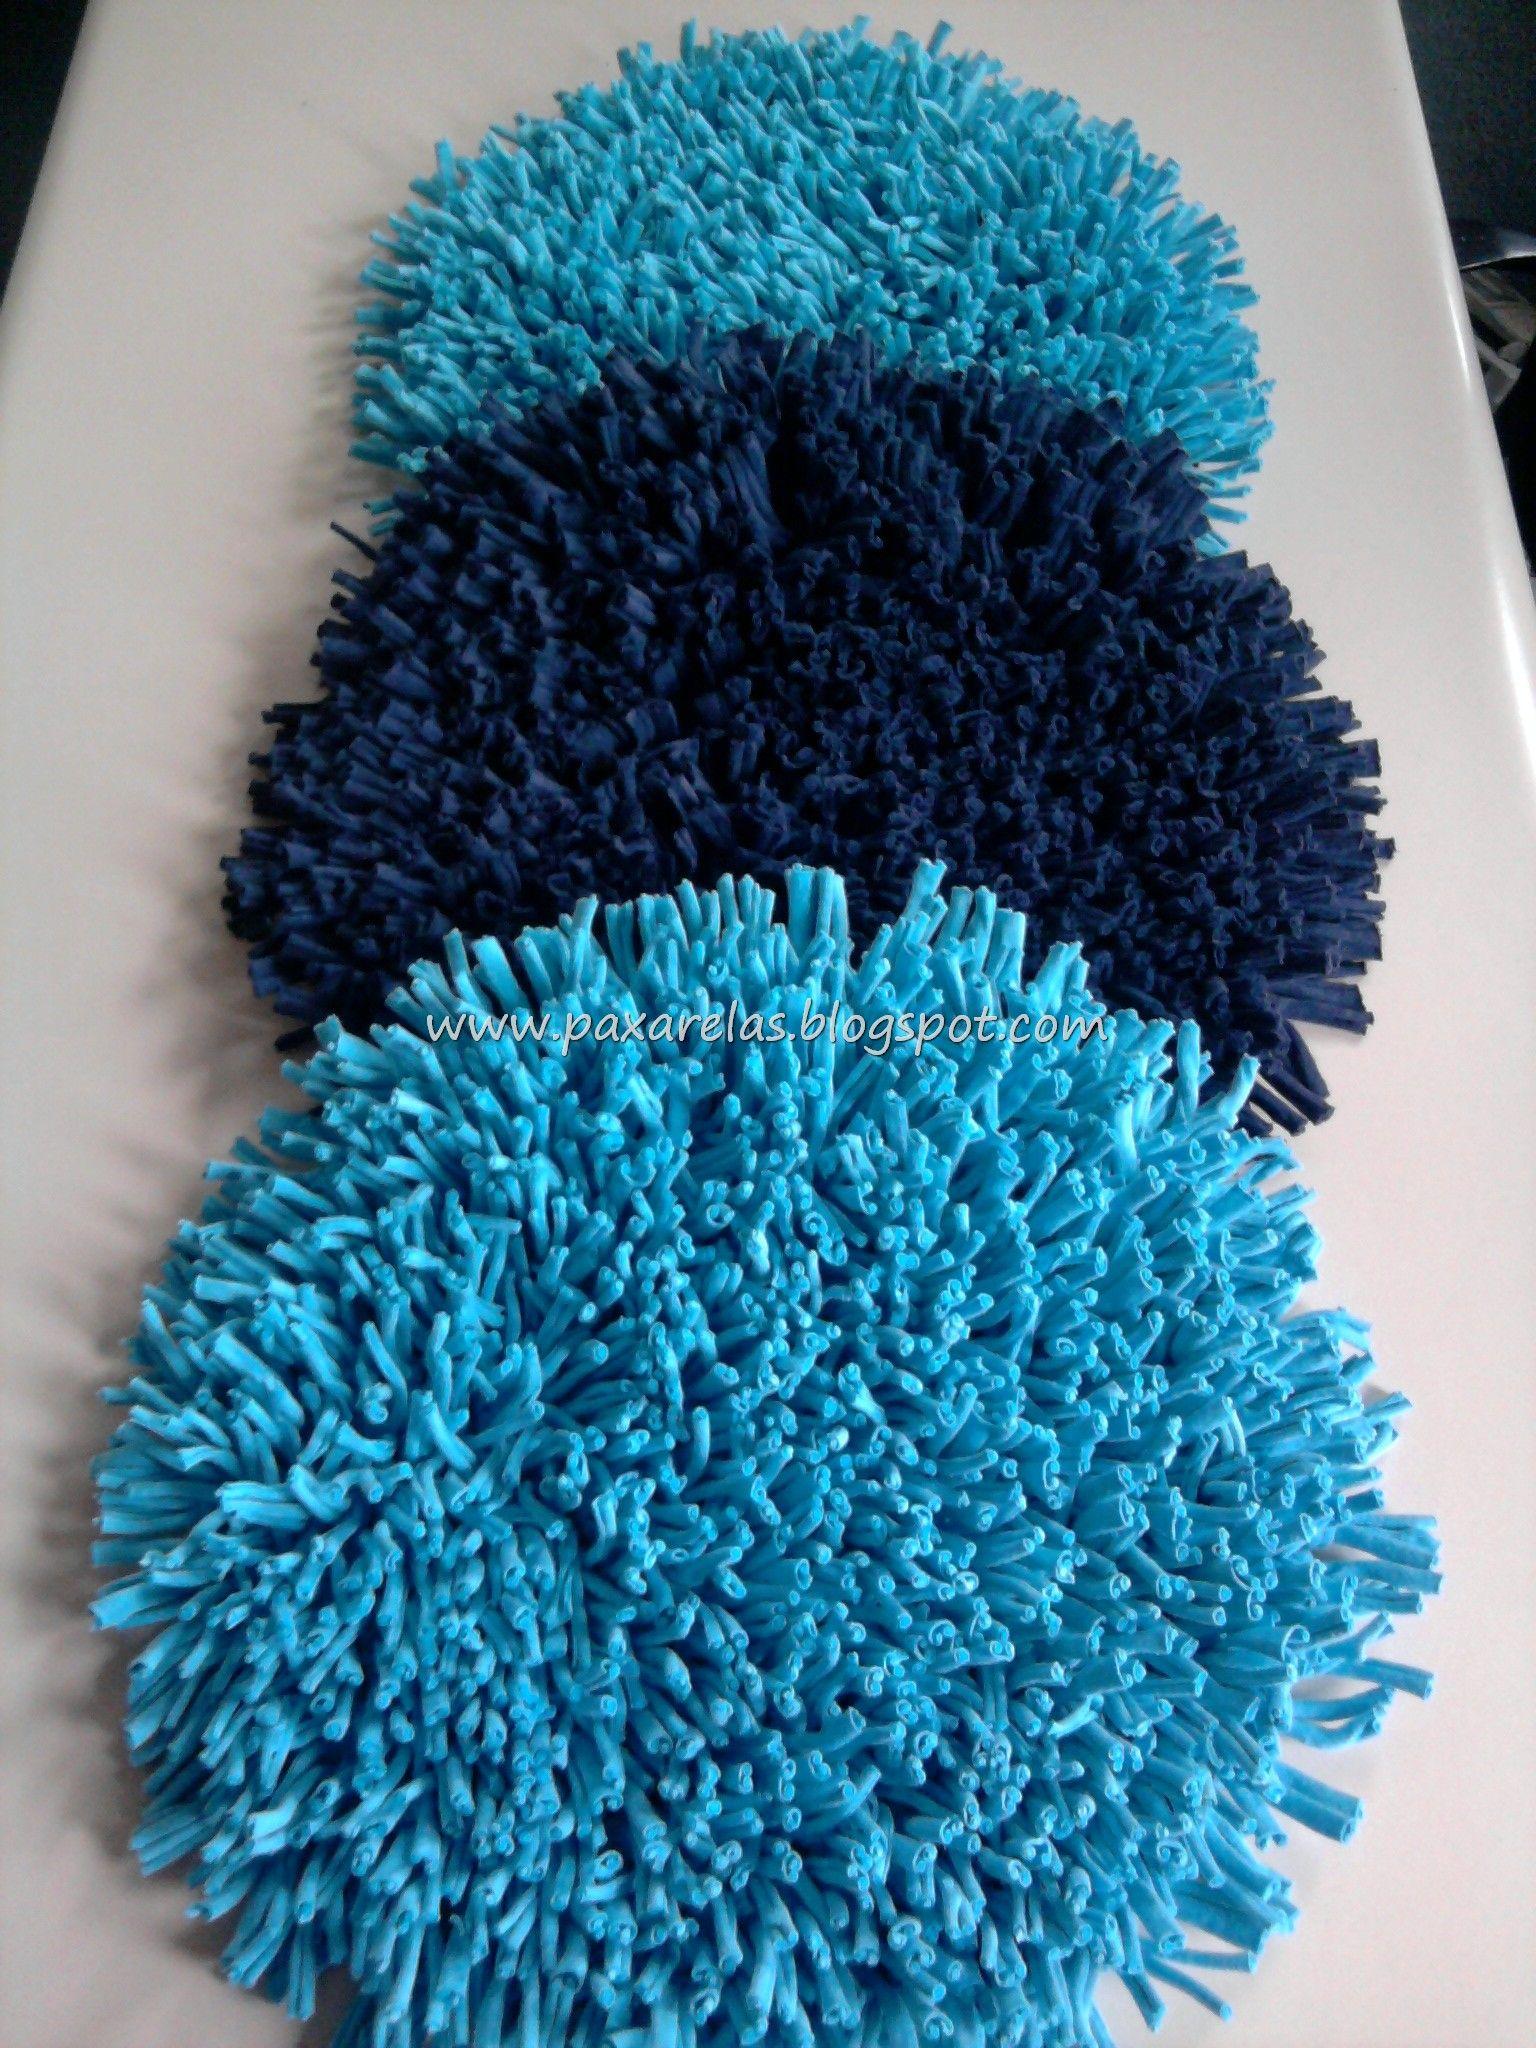 Tr o de alfombras circulares en turquesa y azul marino for Alfombra gris y turquesa